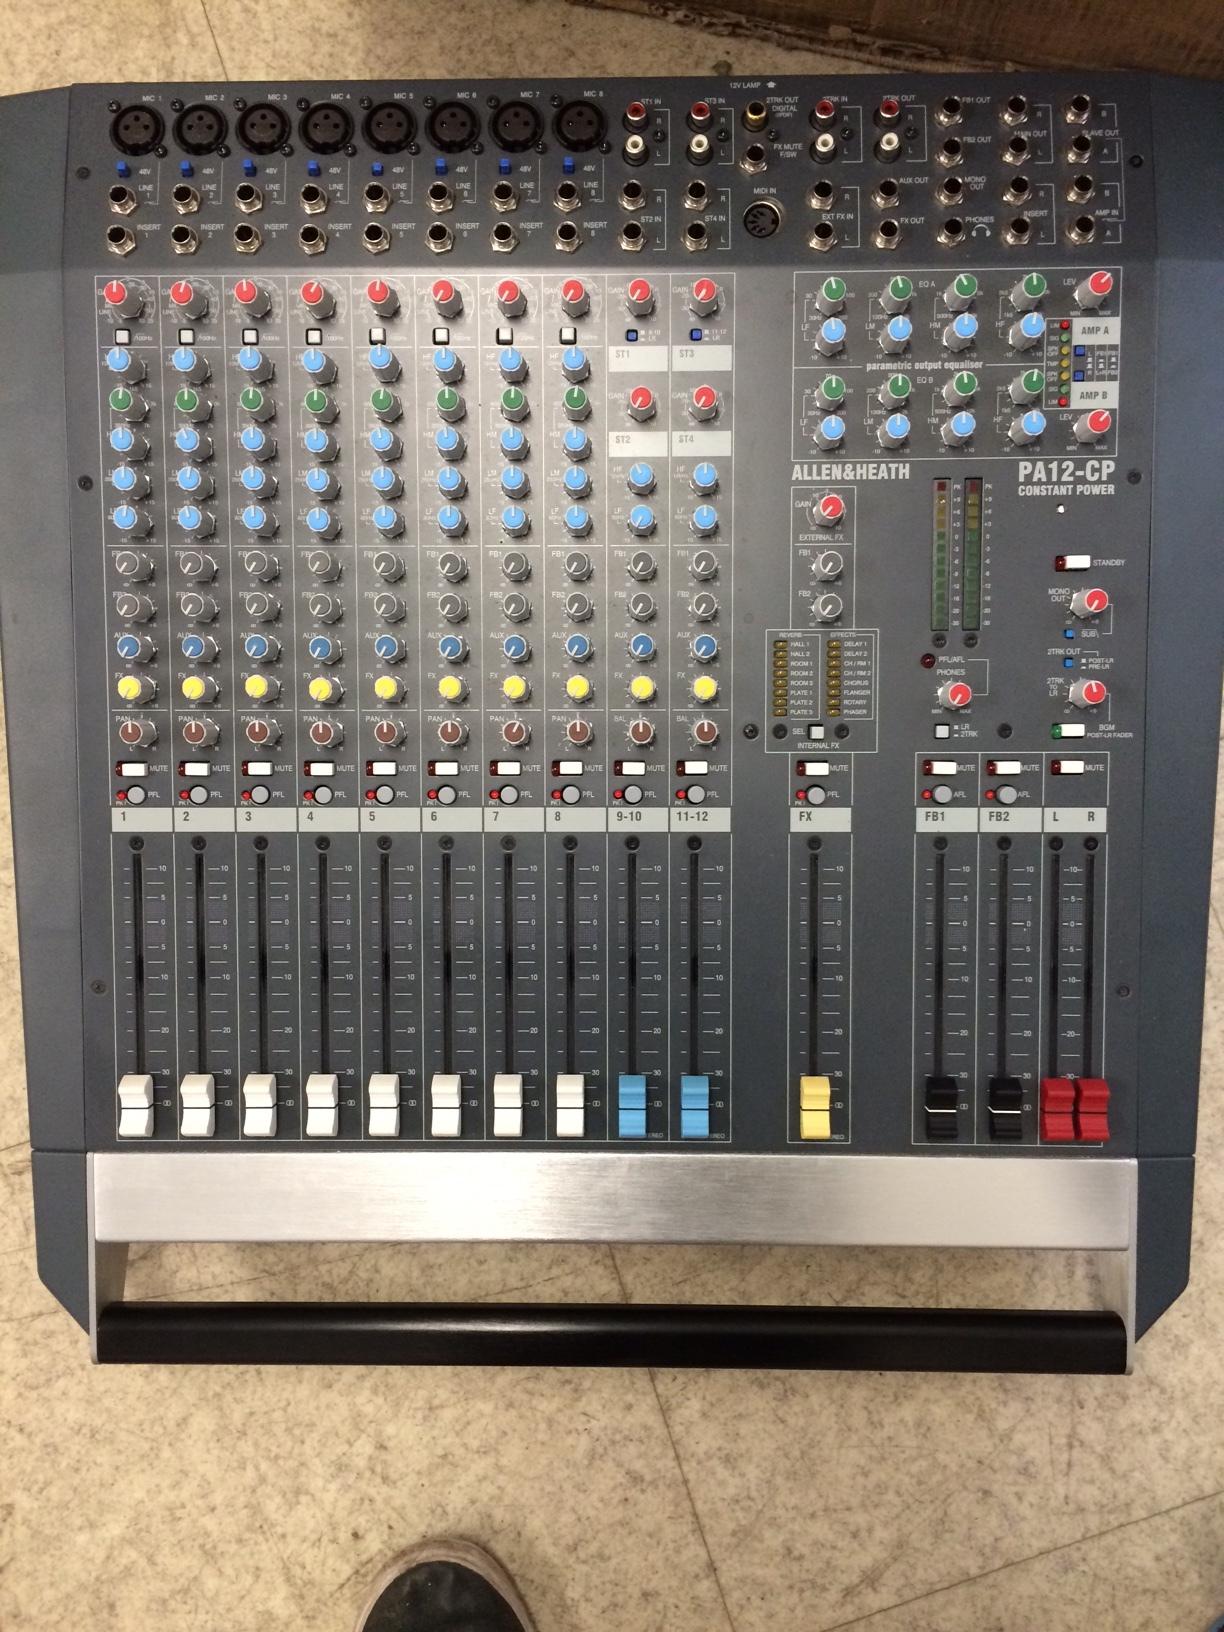 allen heath pa12 cp image 1172148 audiofanzine rh en audiofanzine com